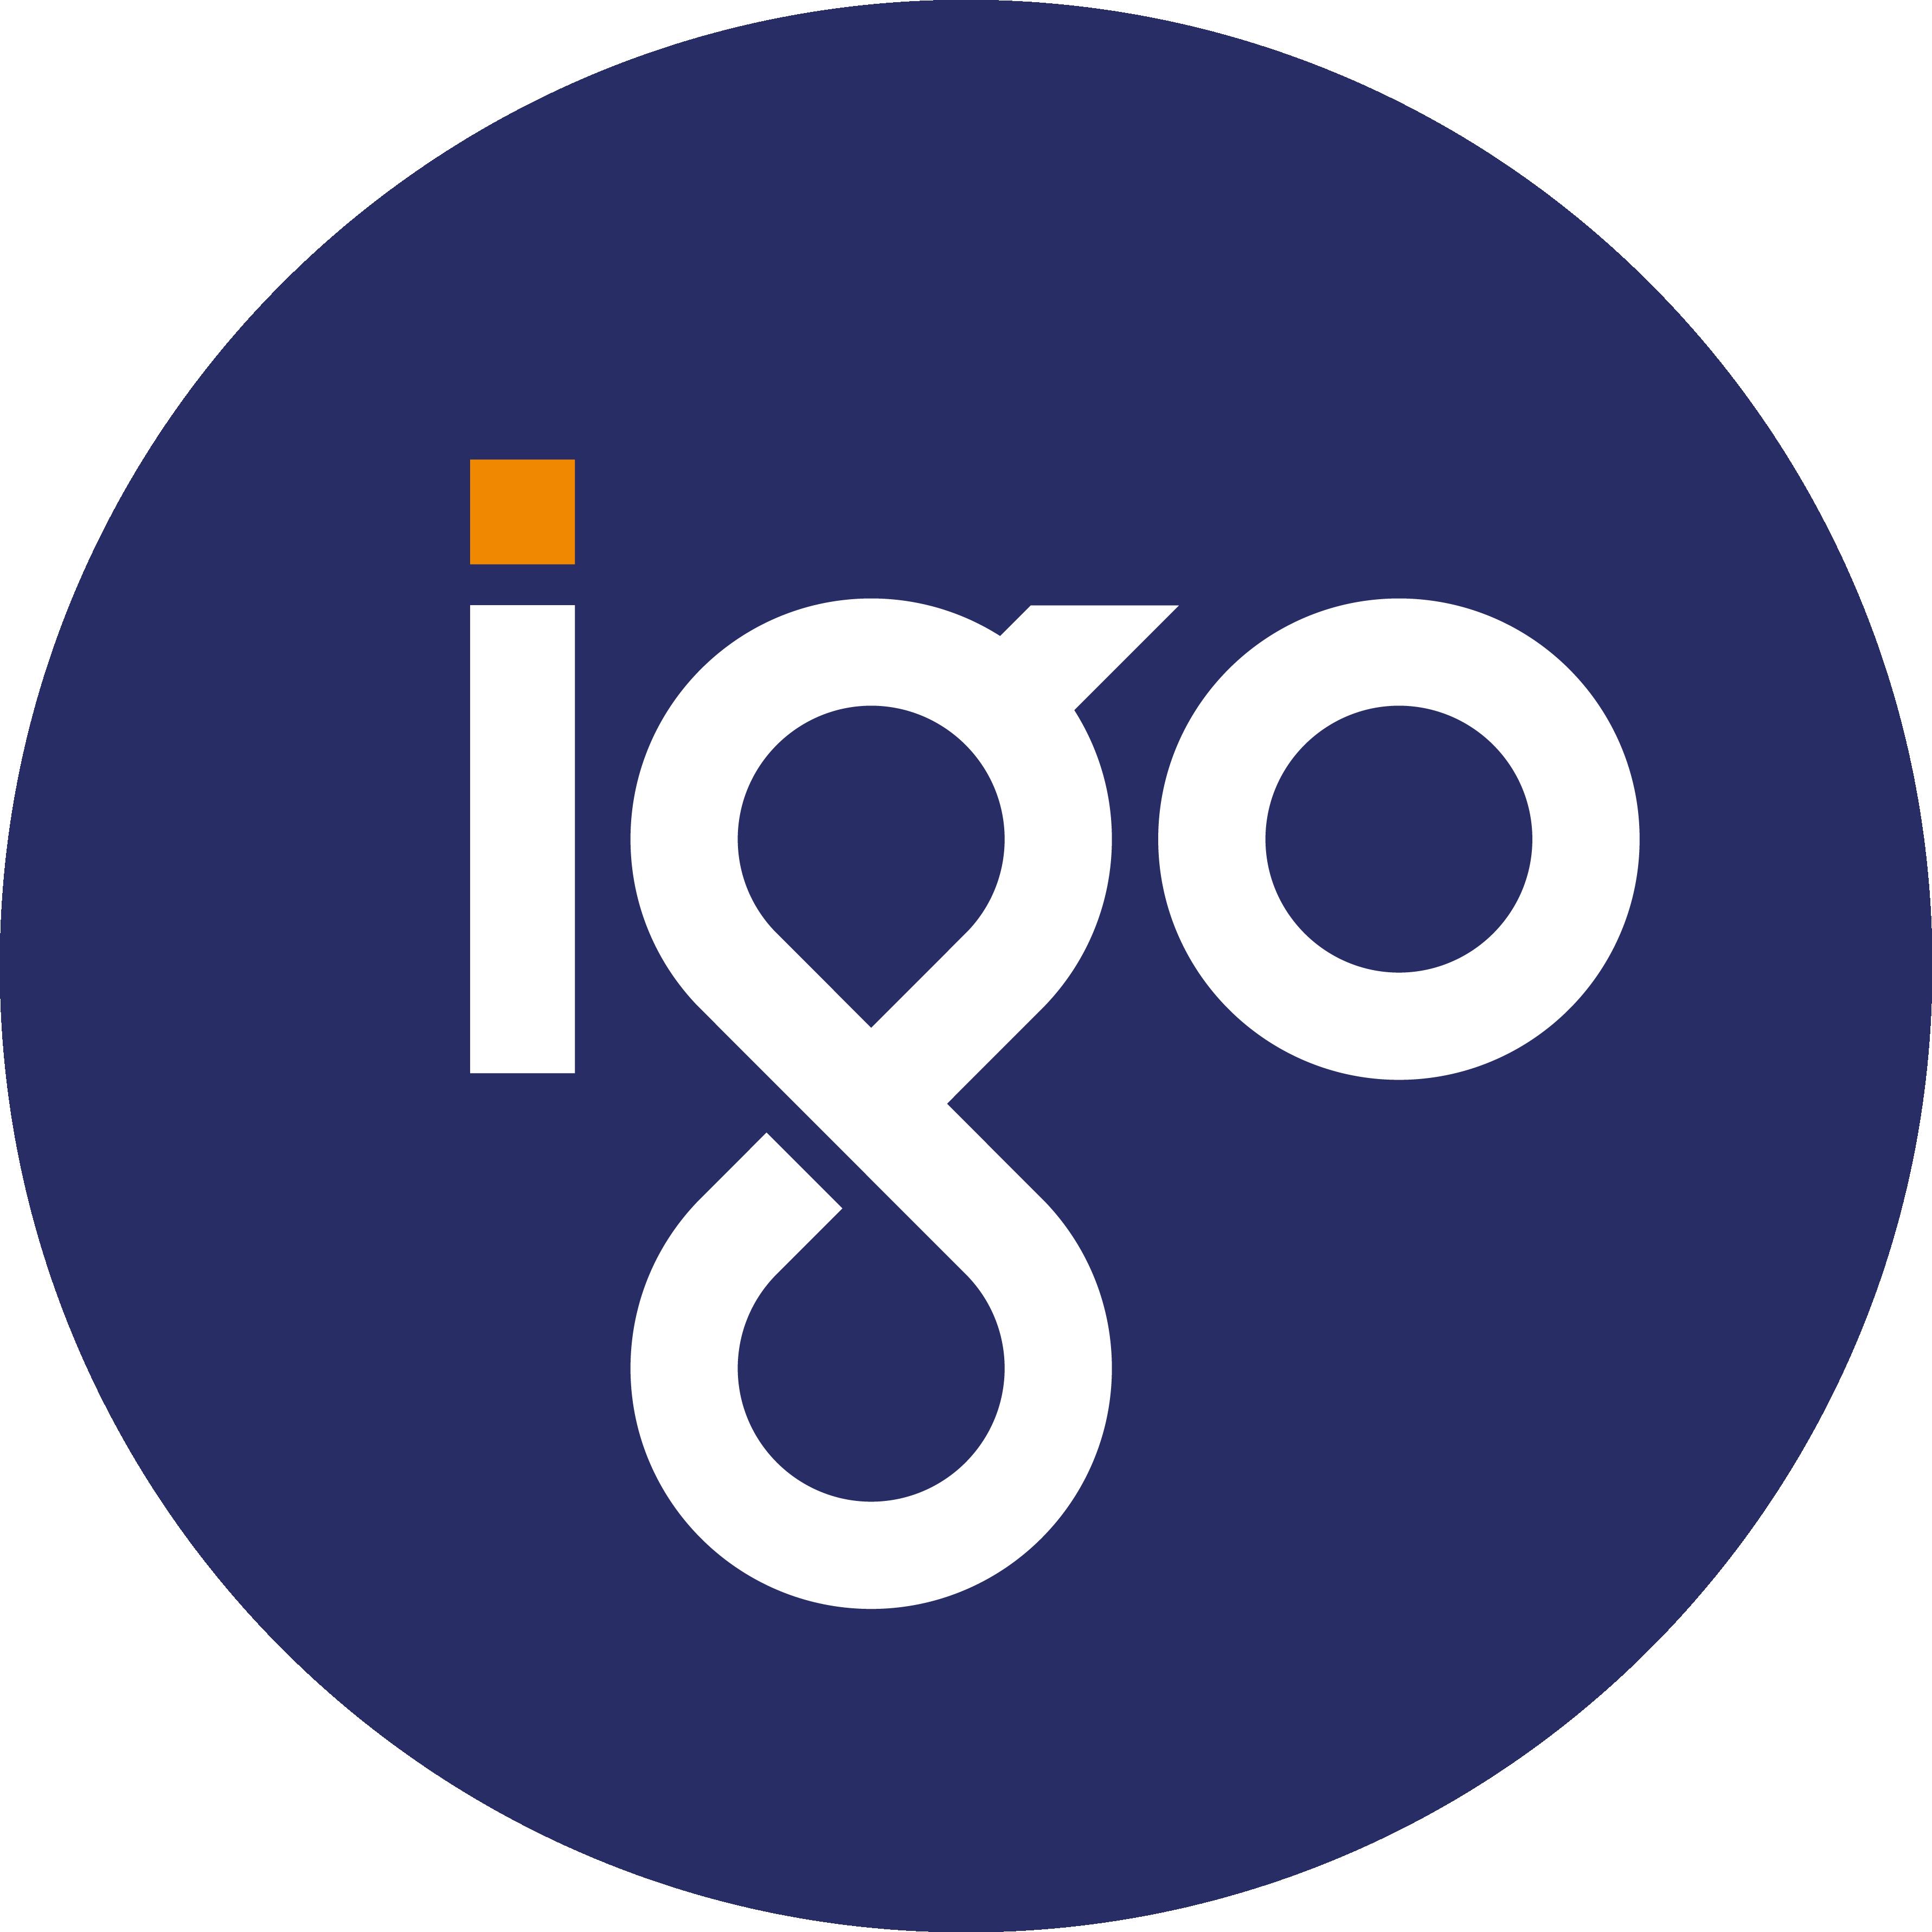 IGO Limited